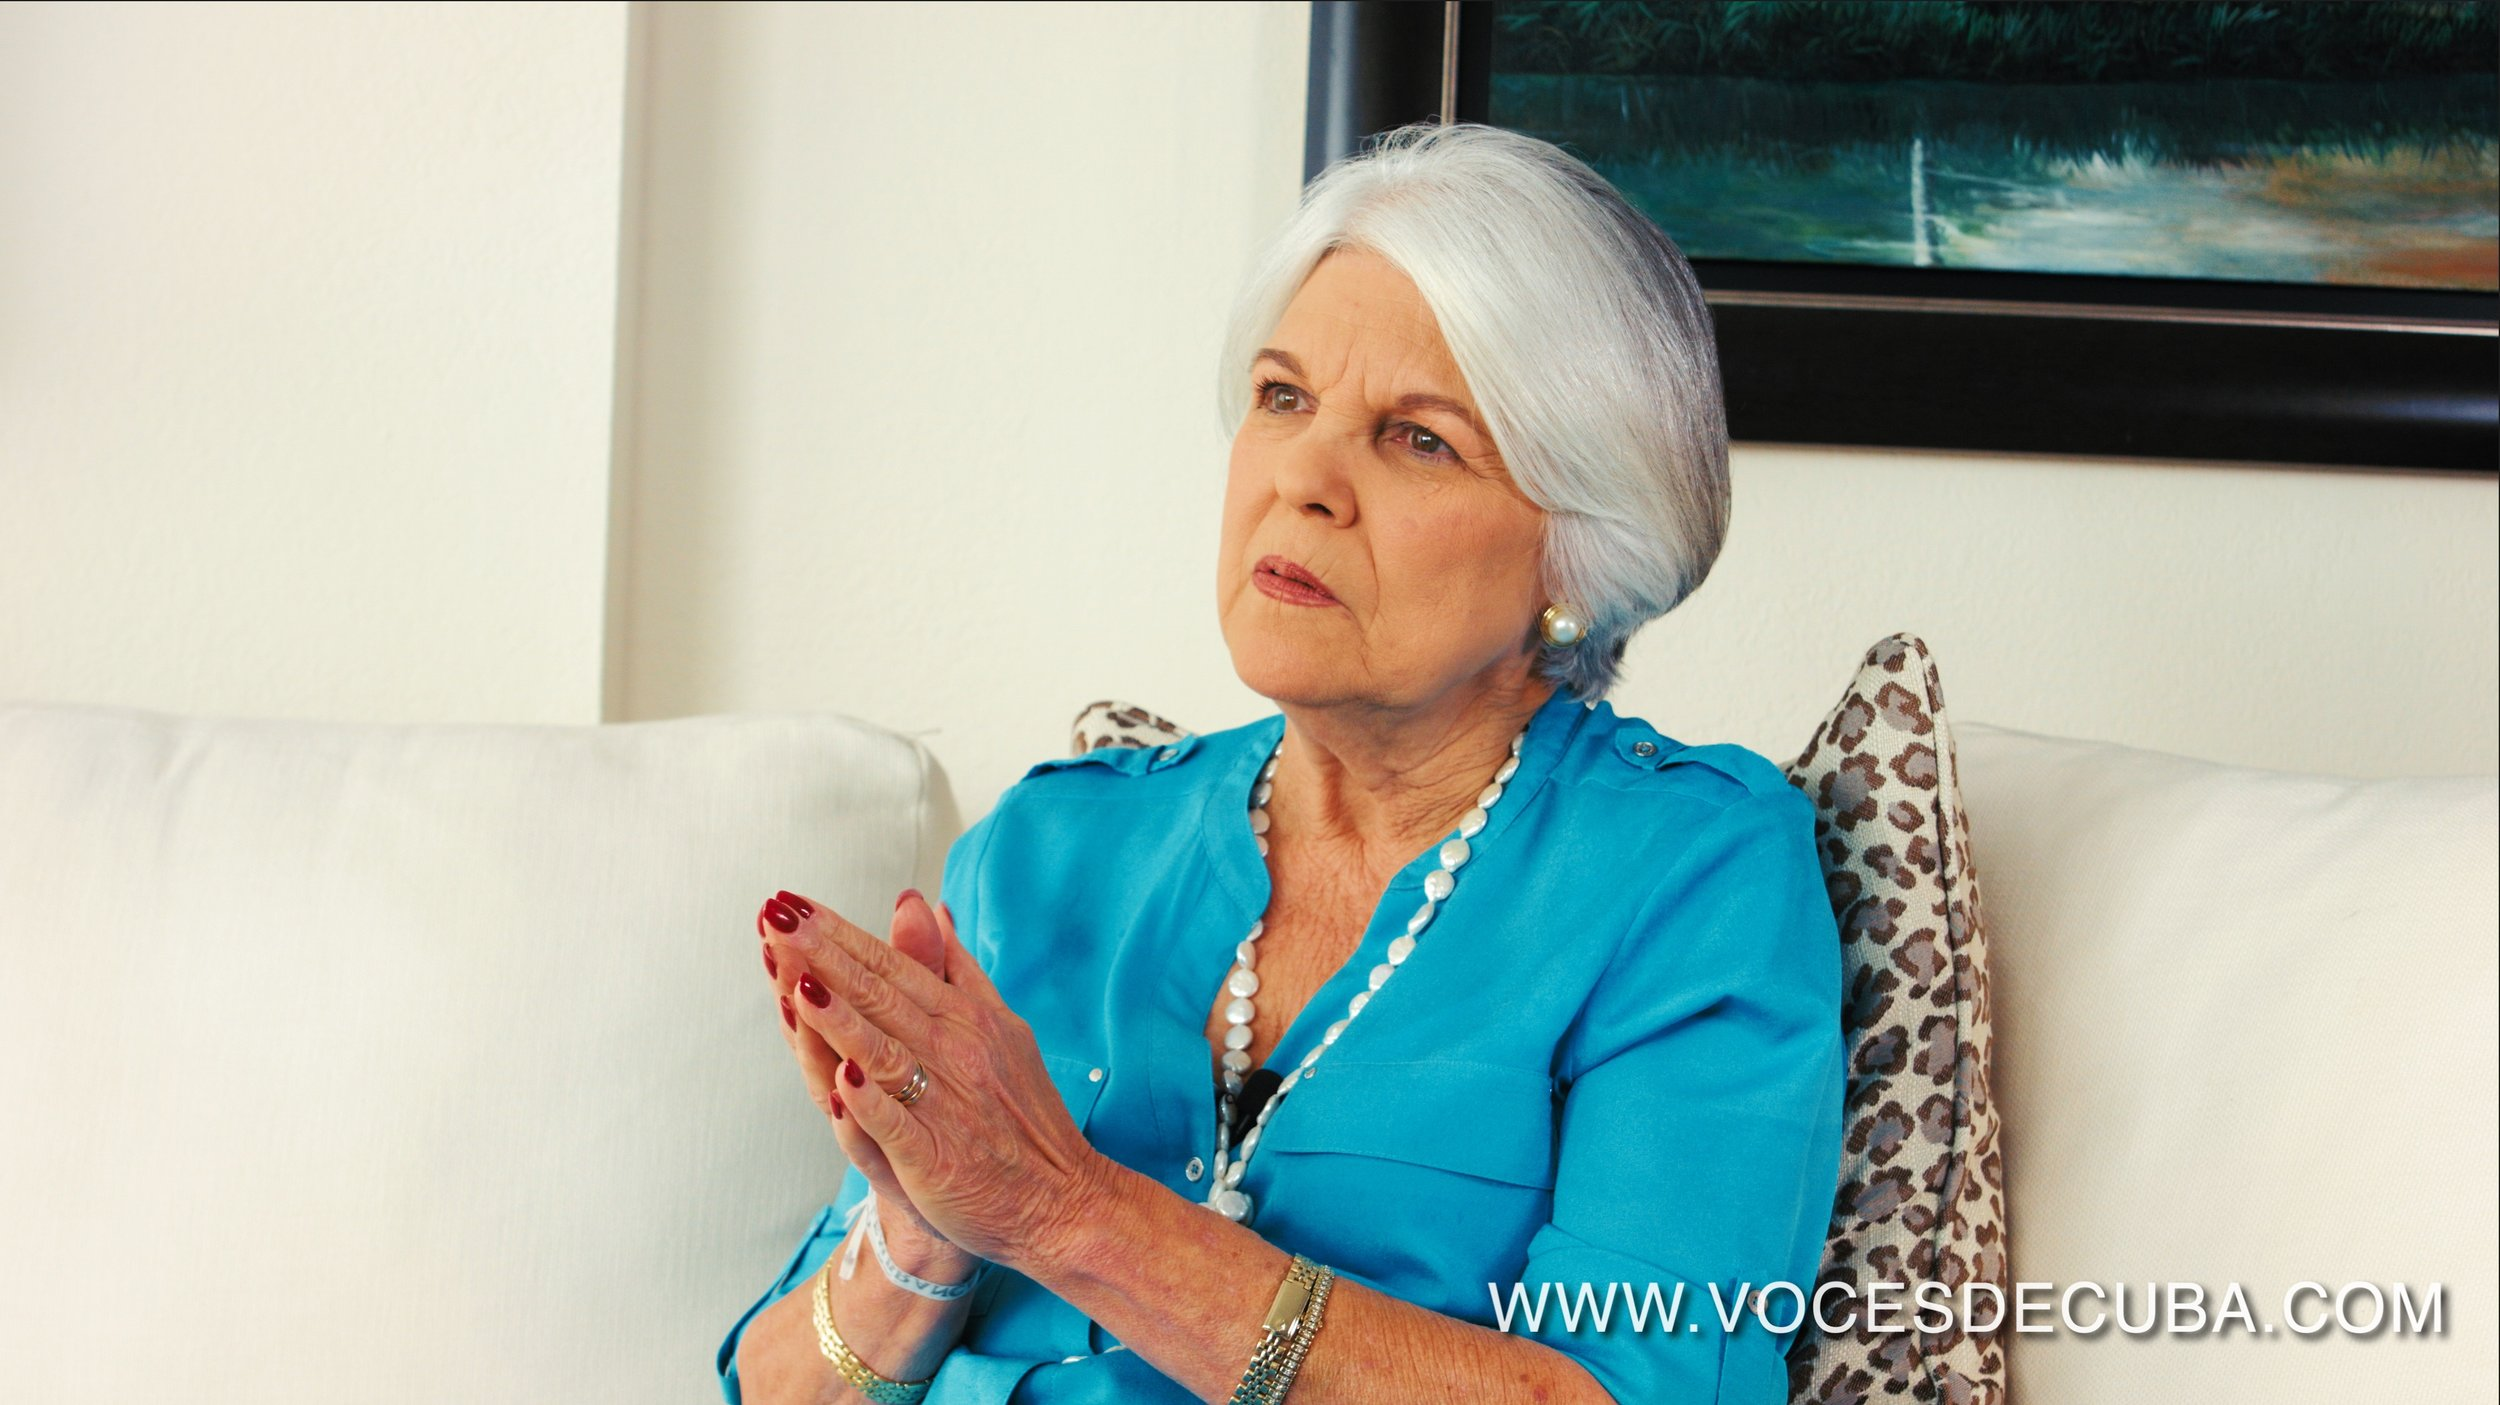 Sylvia Iriondo, líder de la organización M.A.R por Cuba (Mujeres Antirepresión). Foto Archivo Voces de Cuba